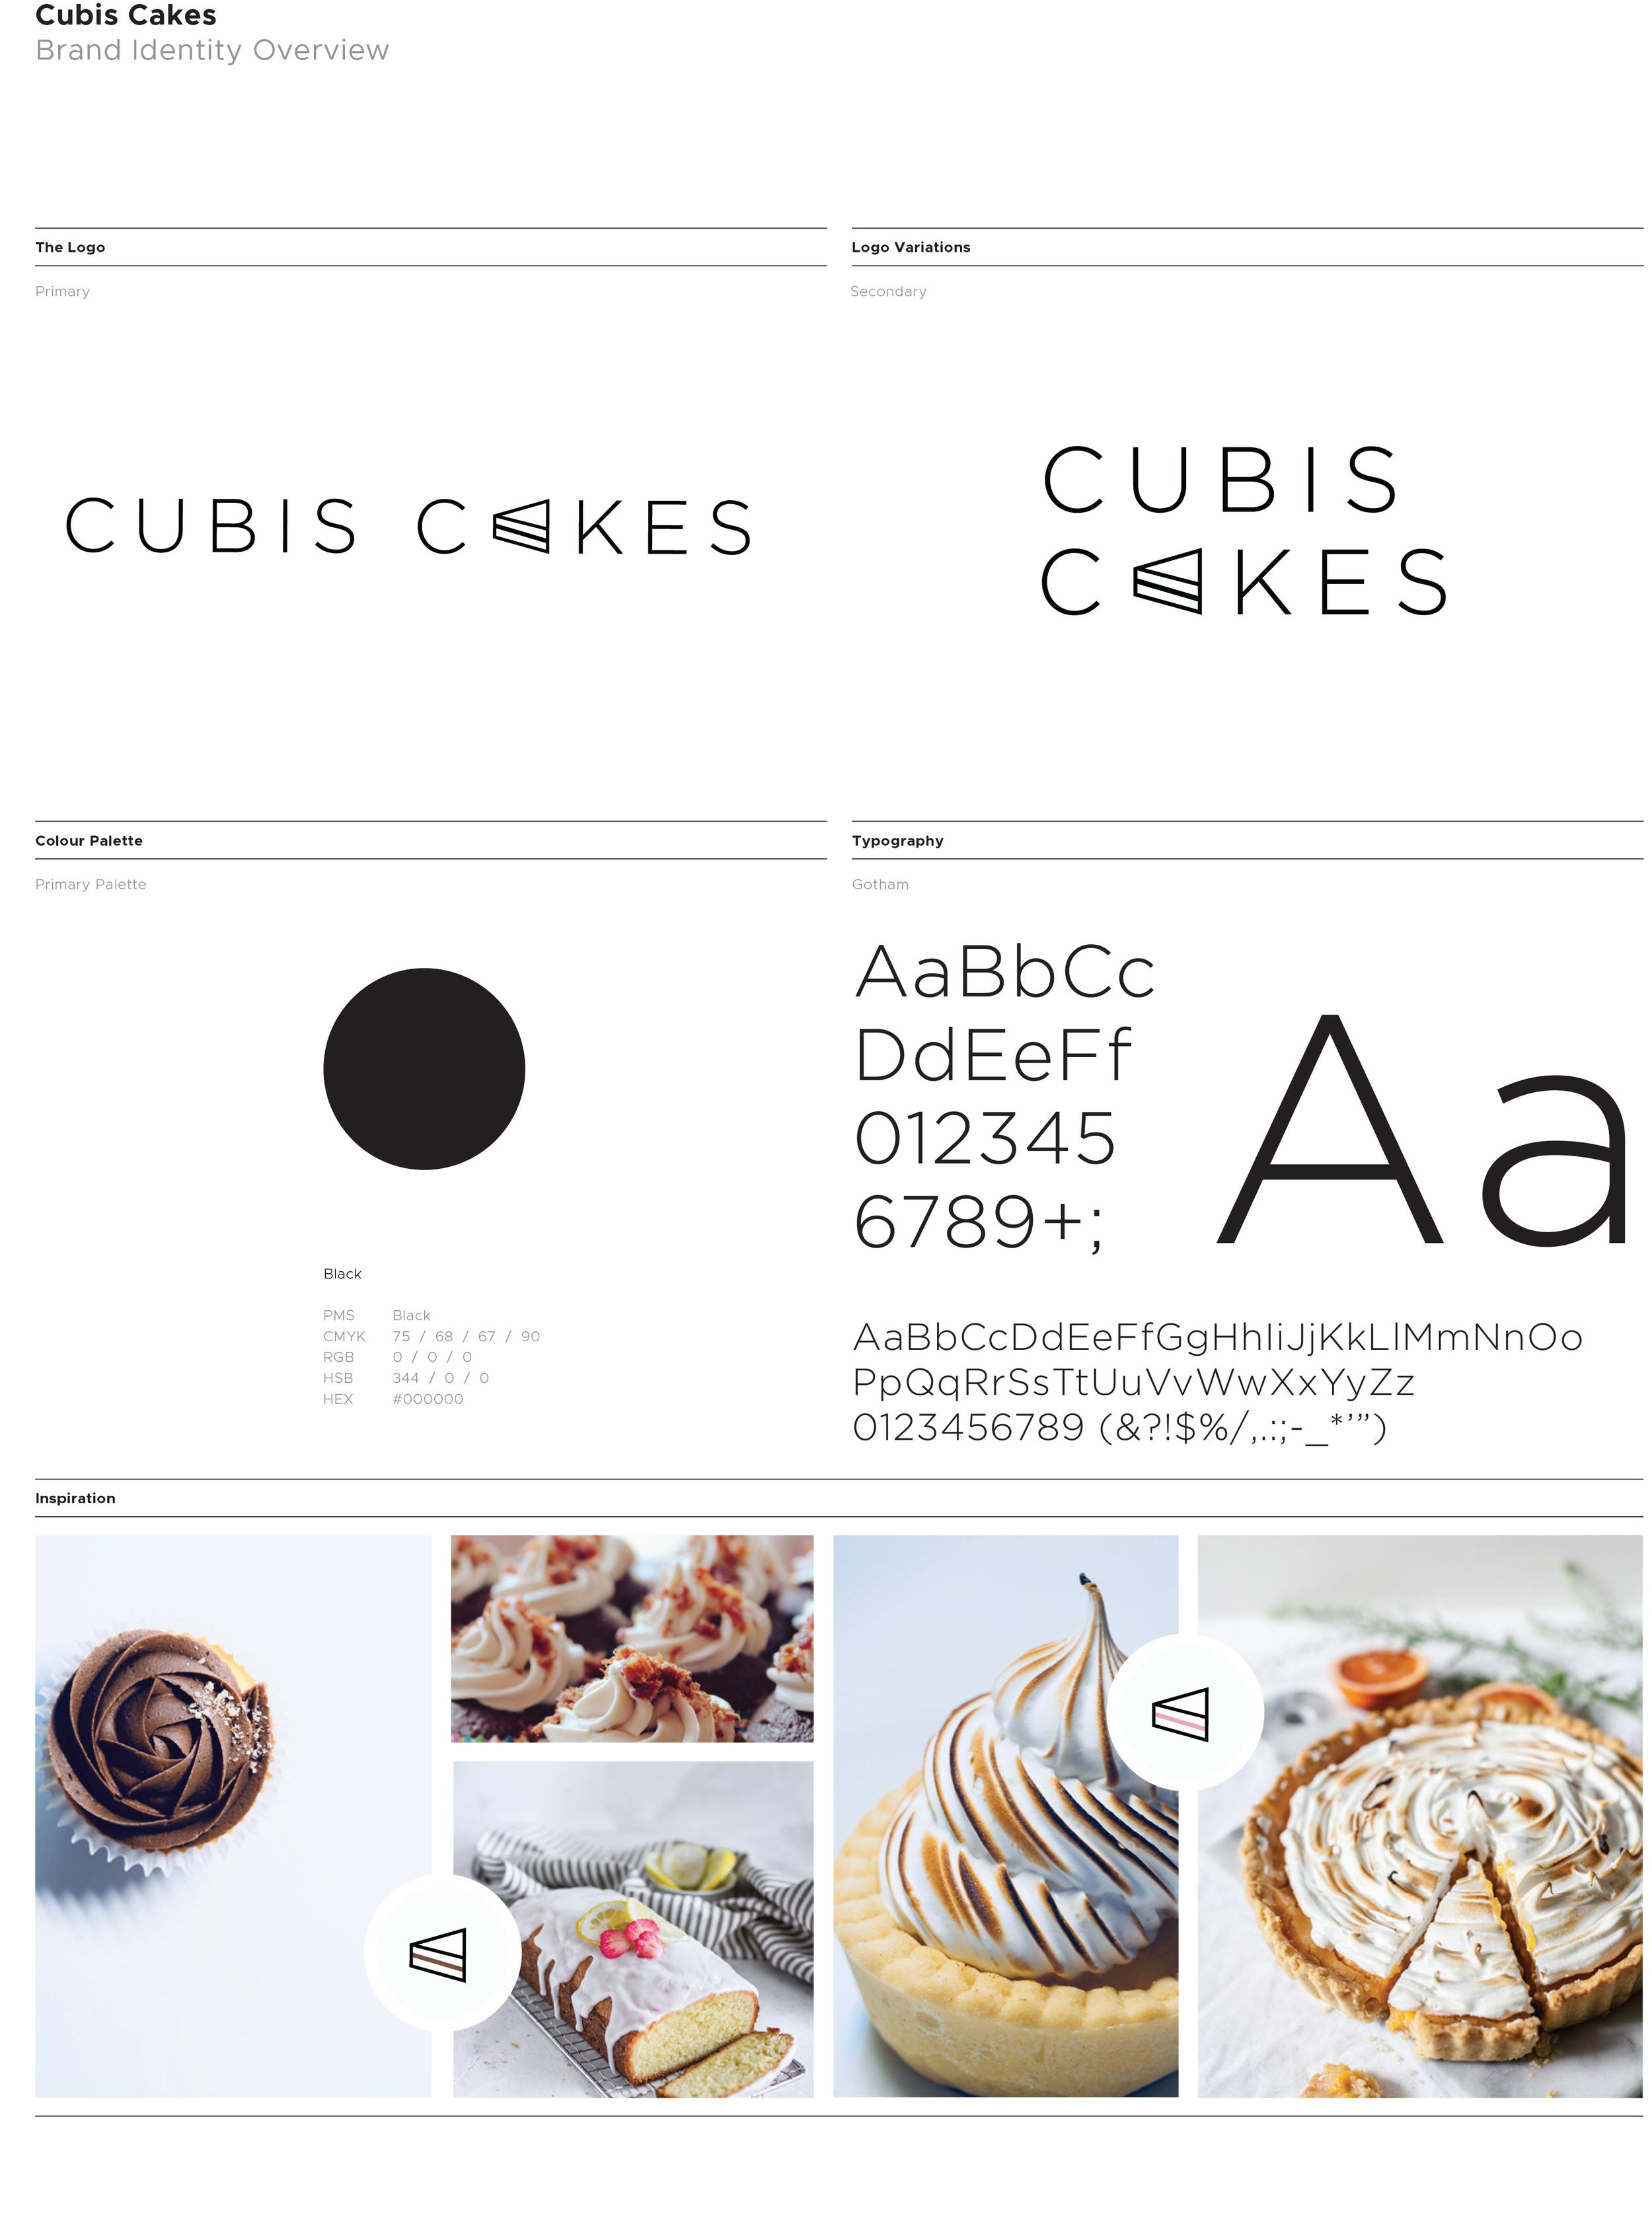 Cubis Cakes